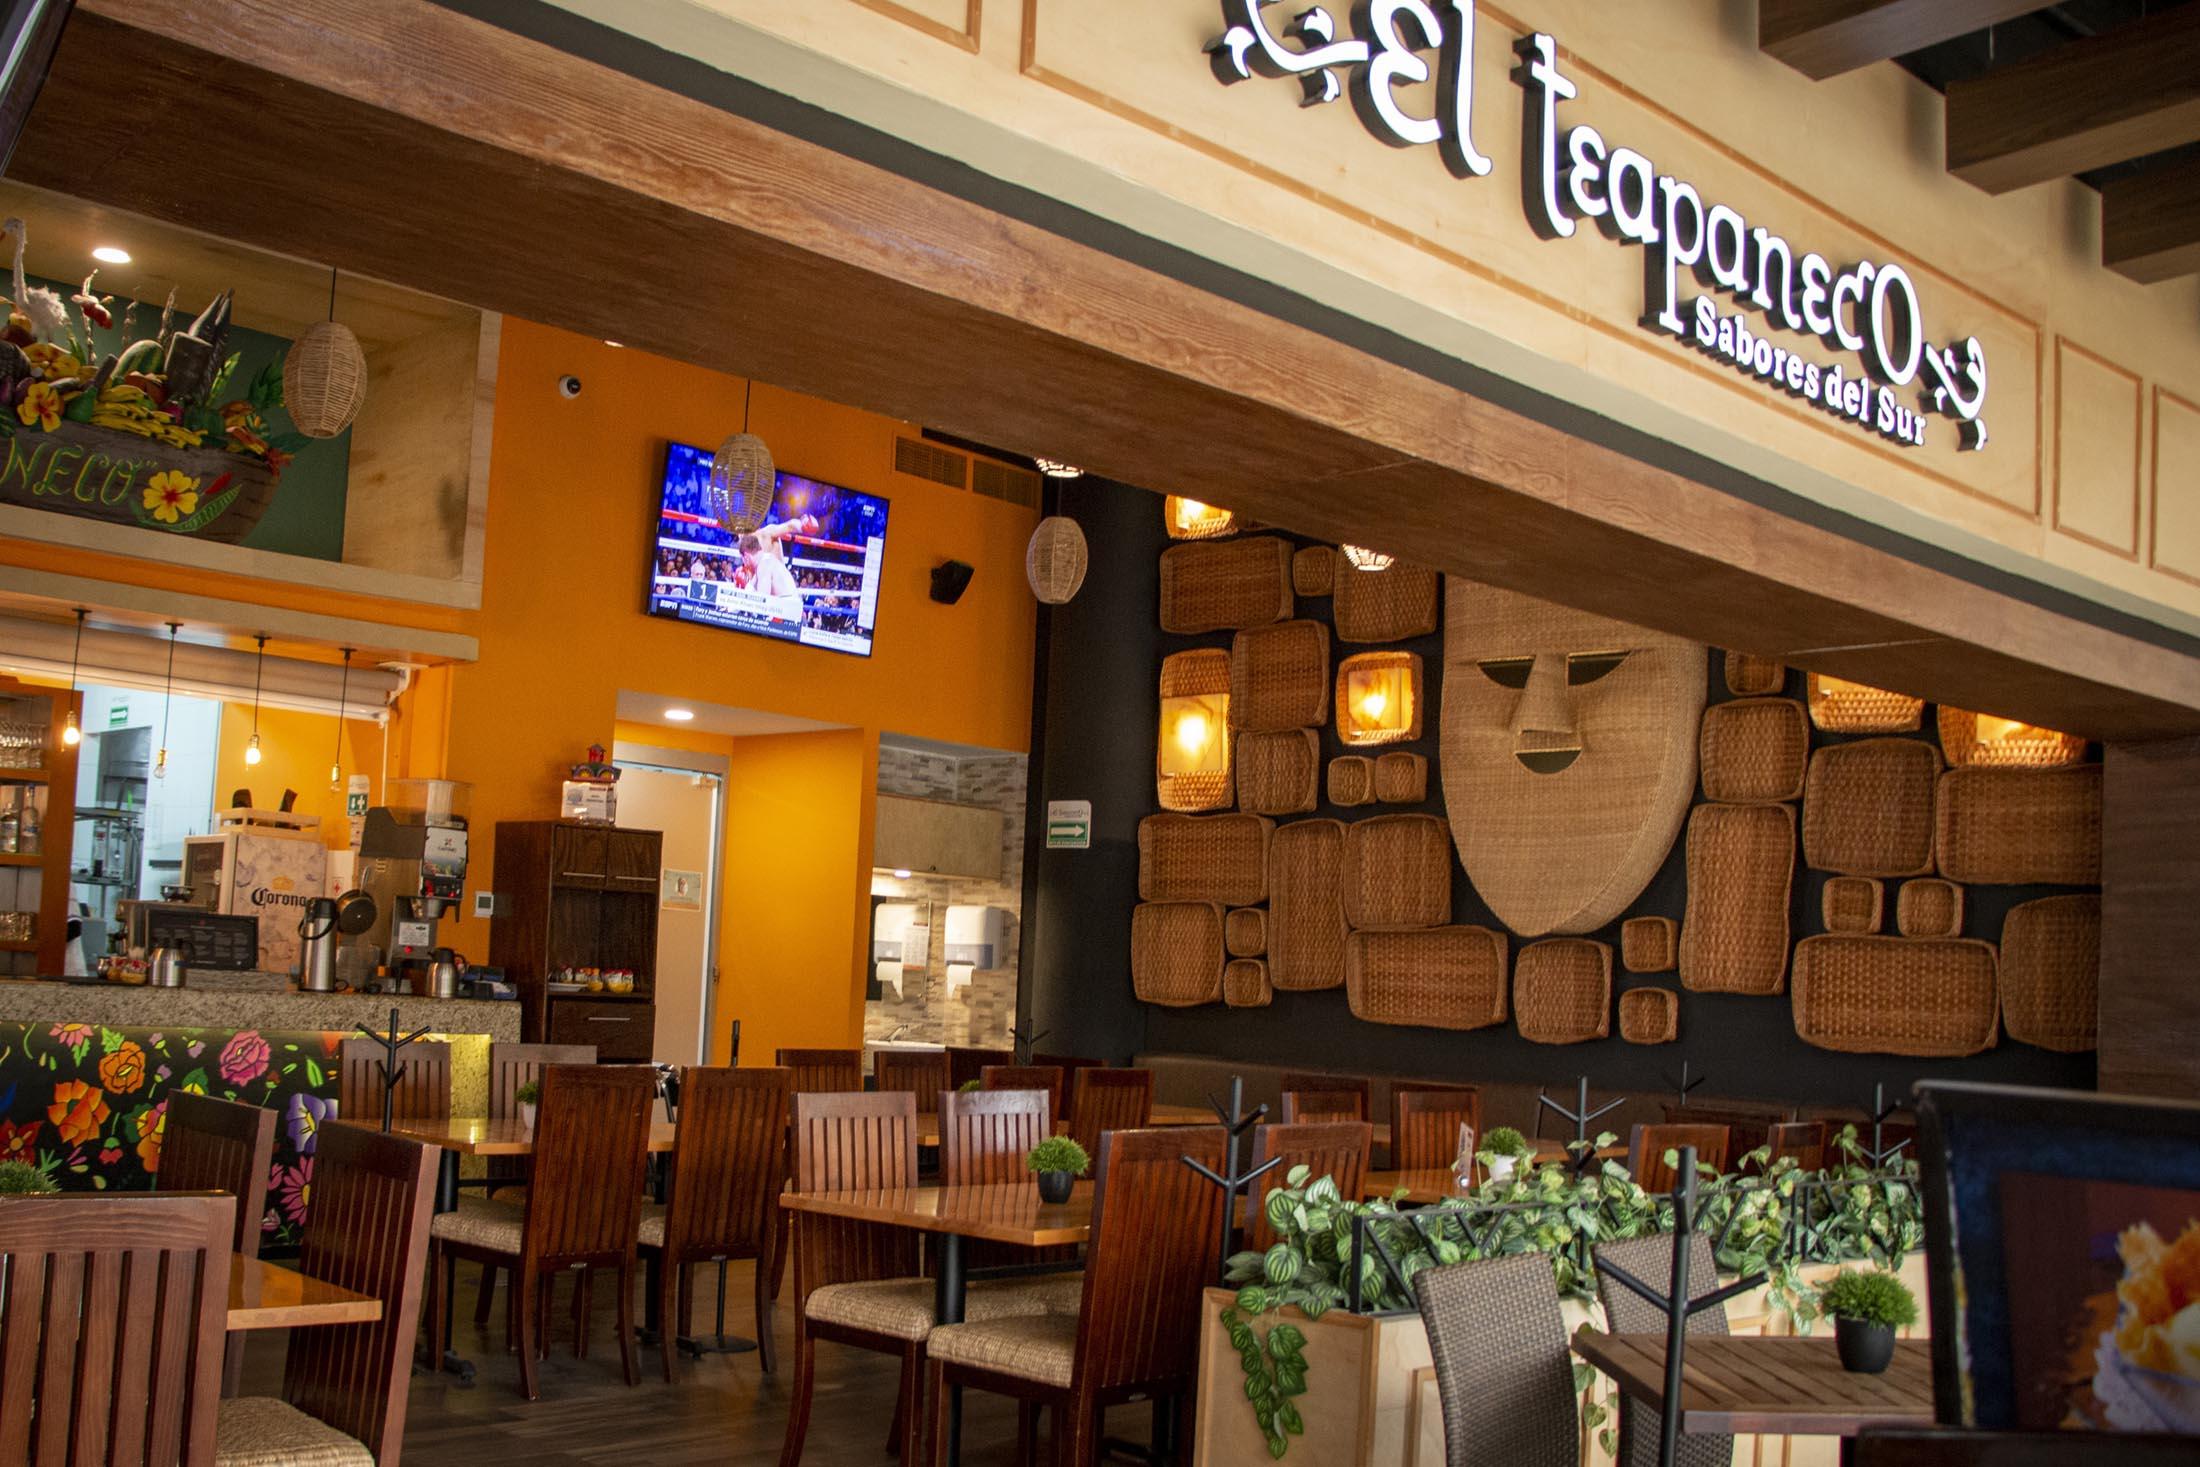 Galería 3 De El Teapaneco